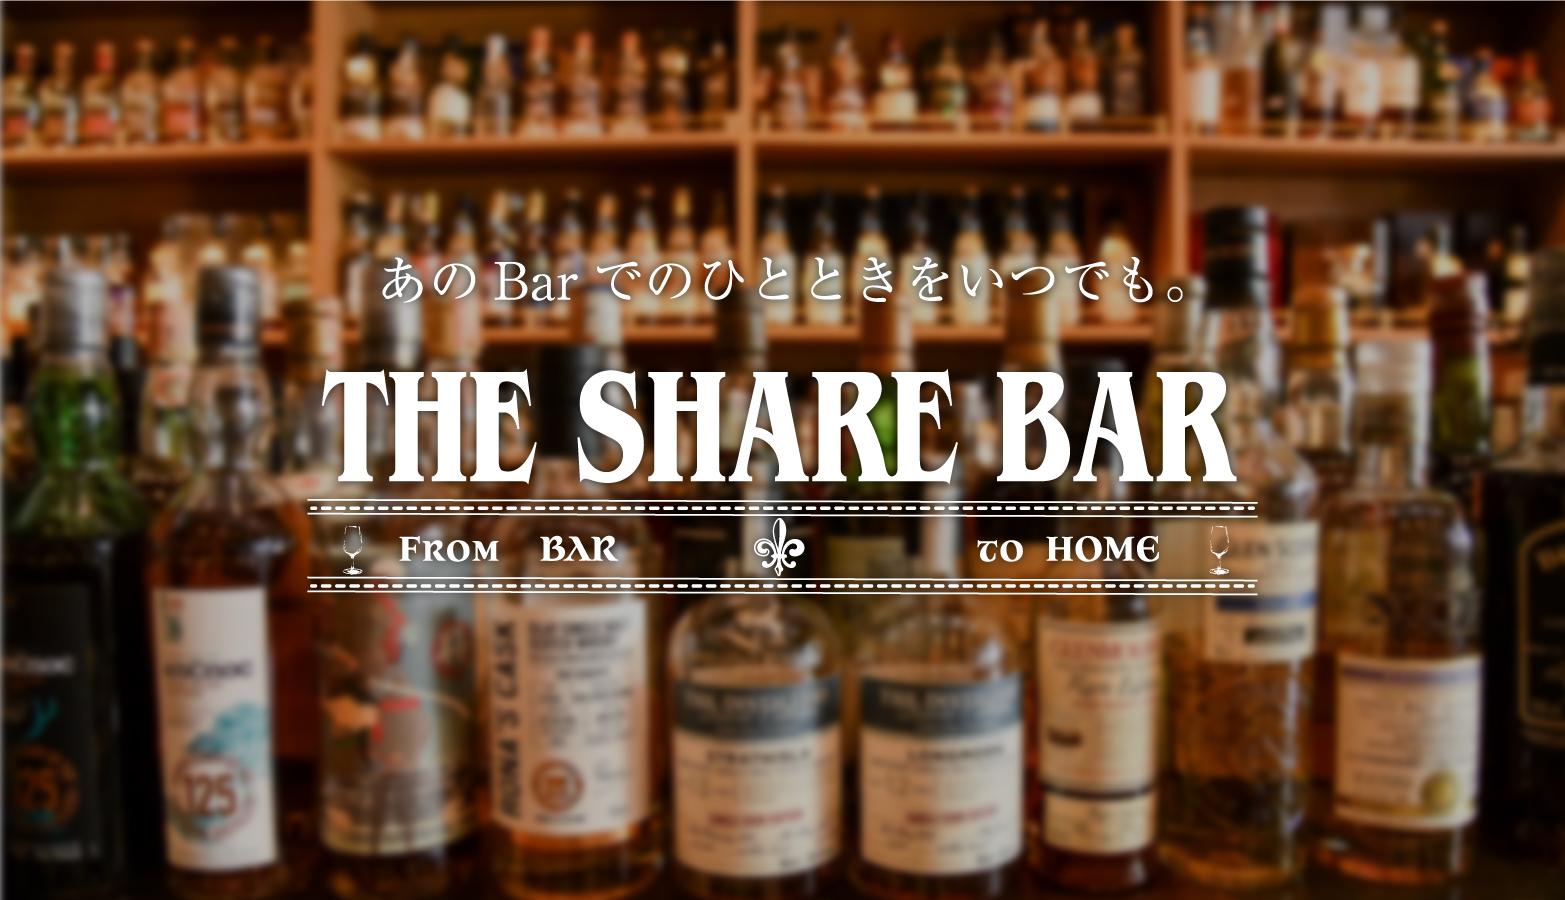 THE SHARE BAR